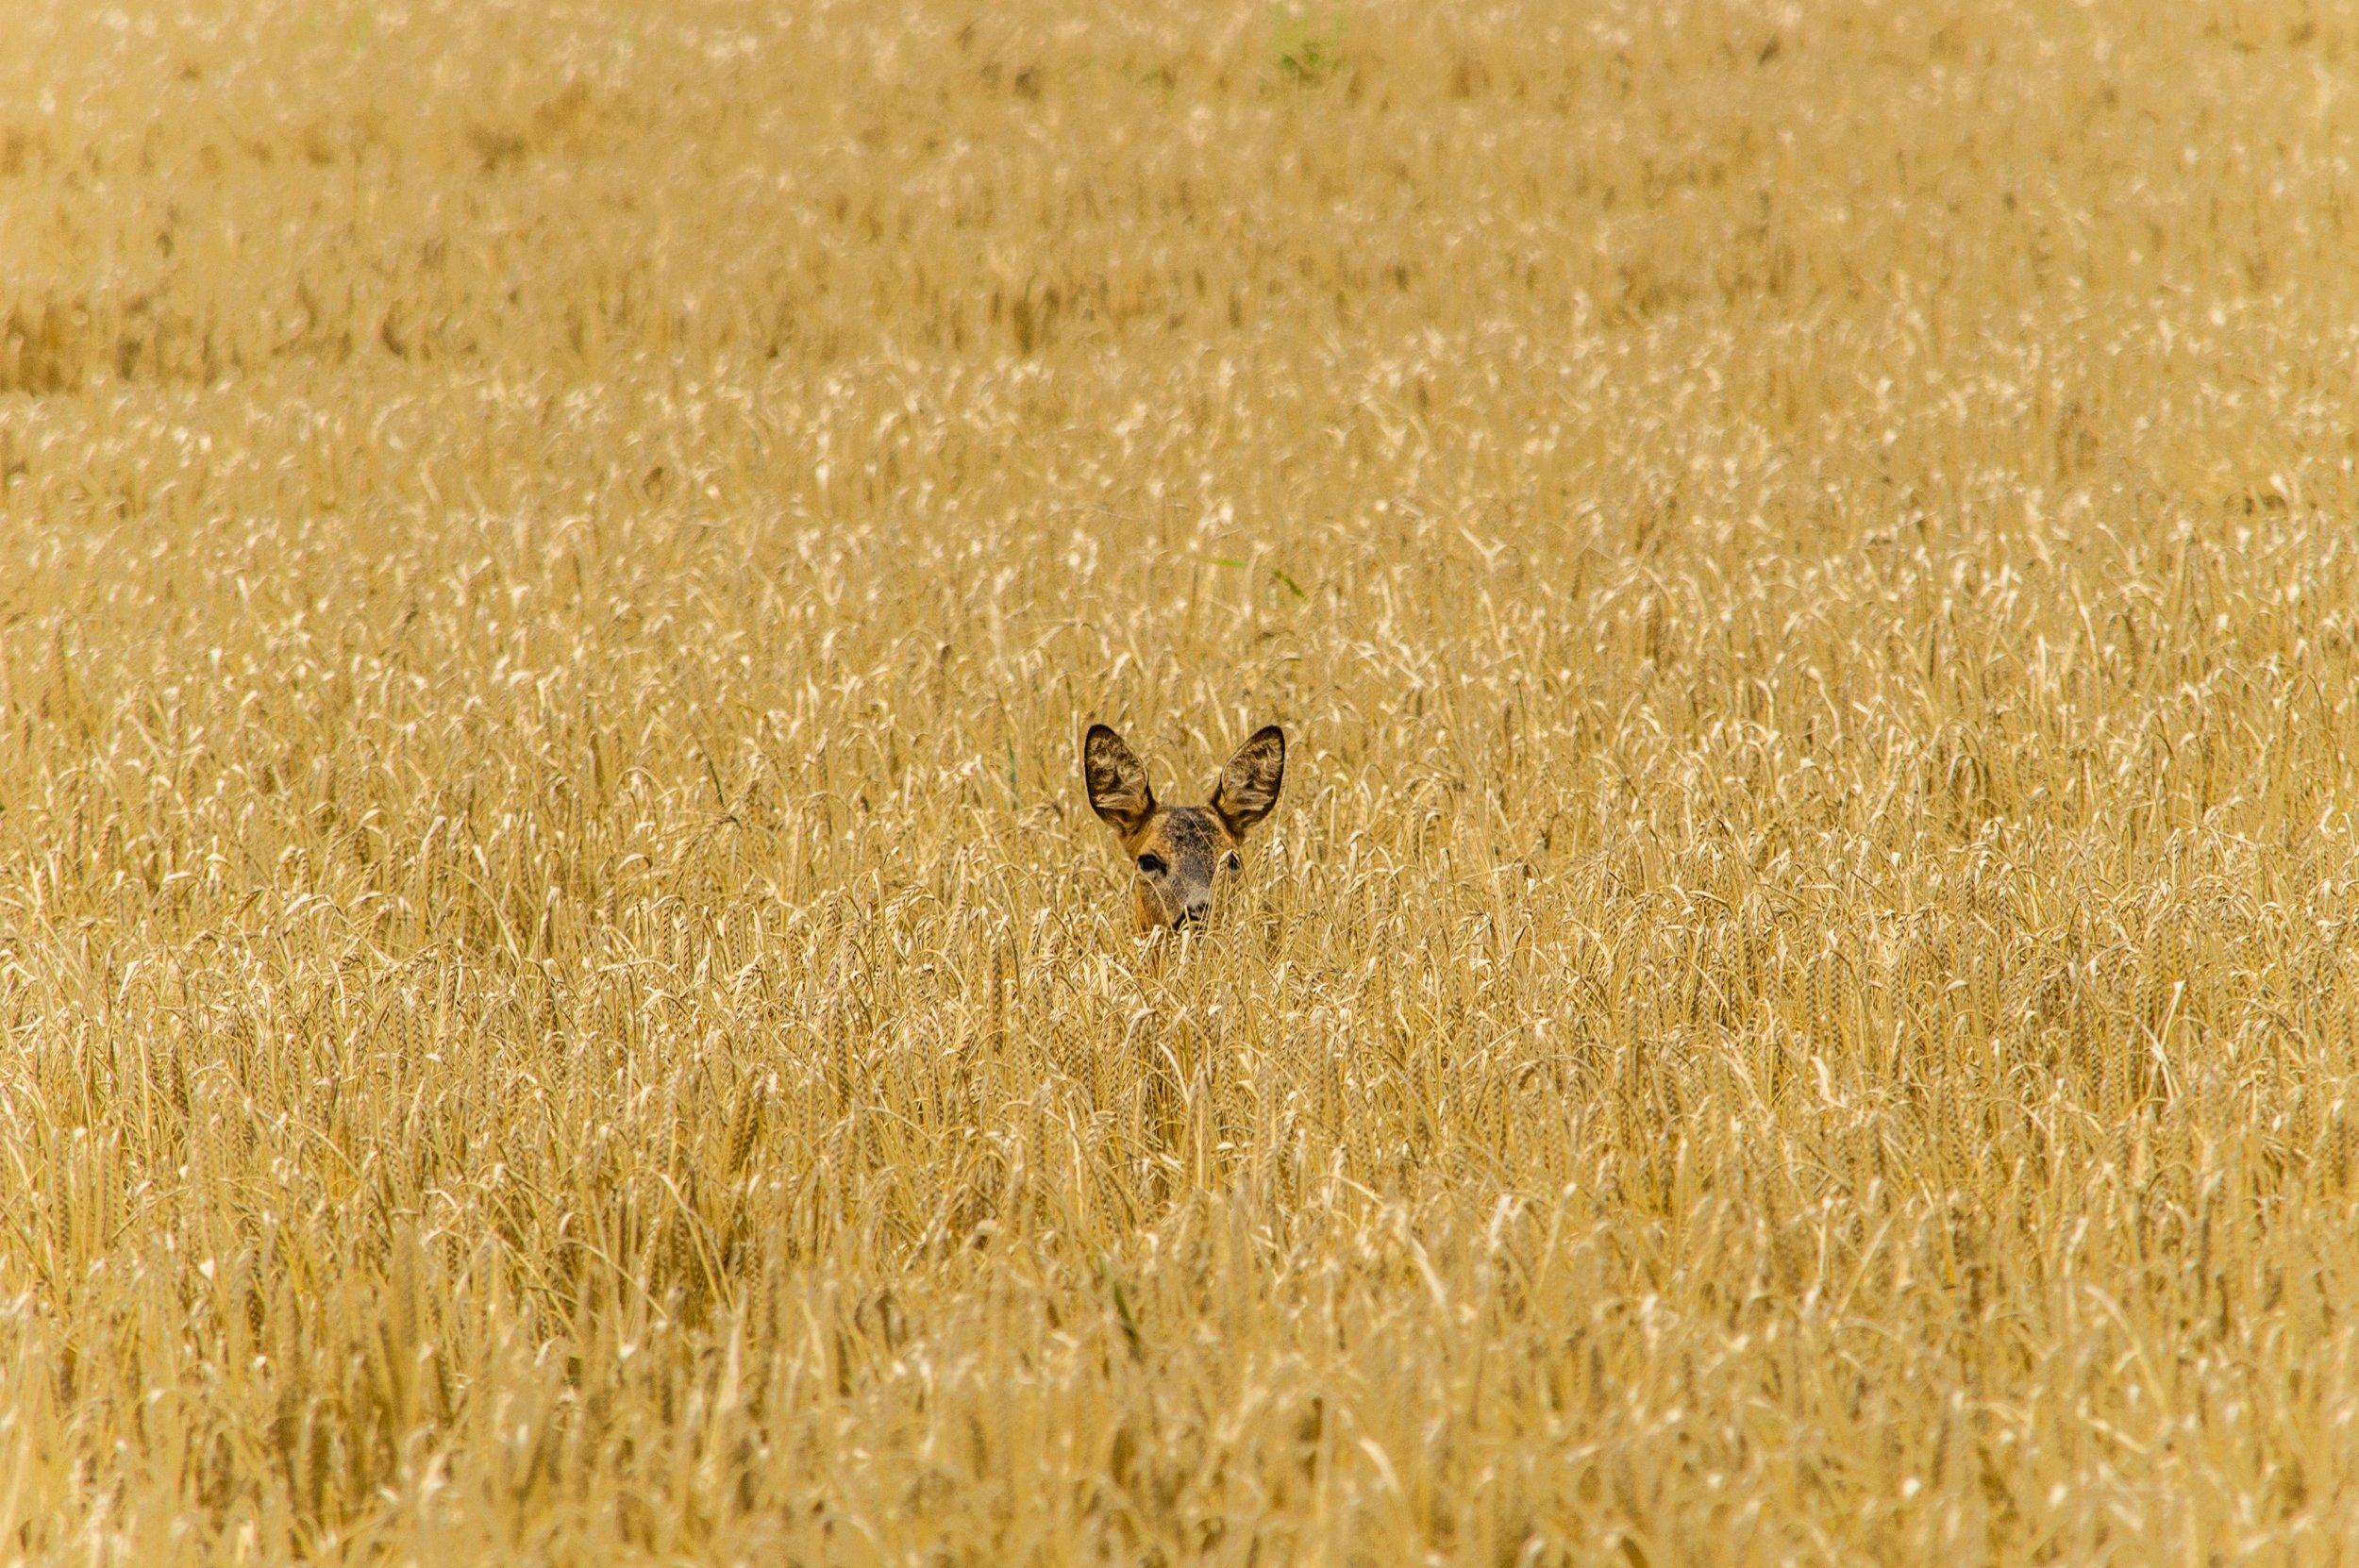 hannes-wolf-572757-unsplash.jpg